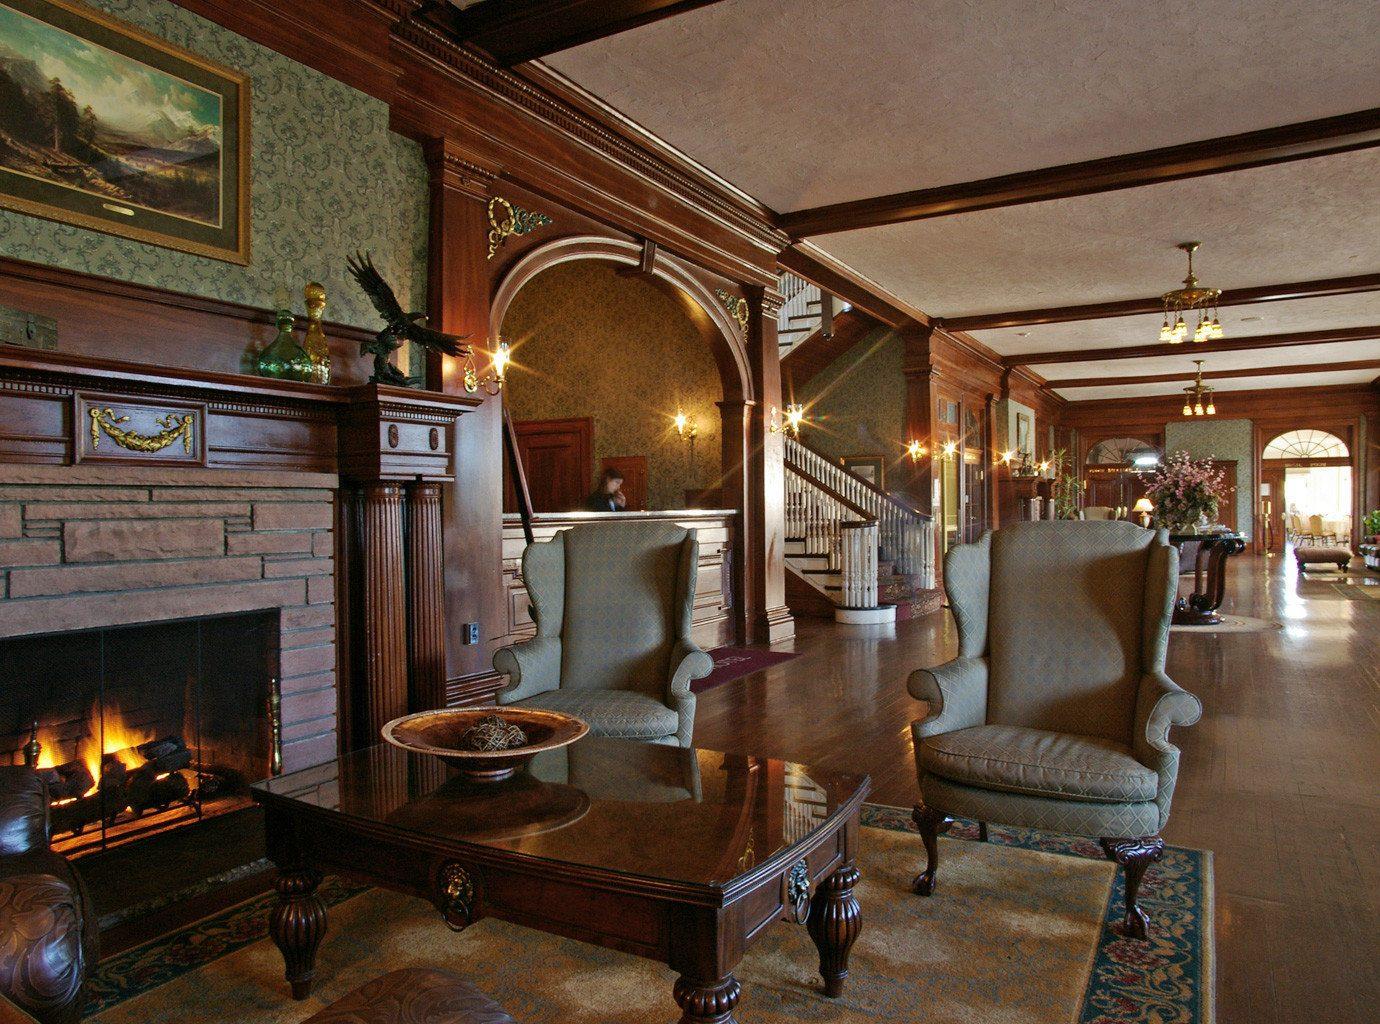 Fireplace Historic Hotels Lounge Resort indoor room floor Living property estate building Lobby home living room interior design lighting mansion restaurant furniture